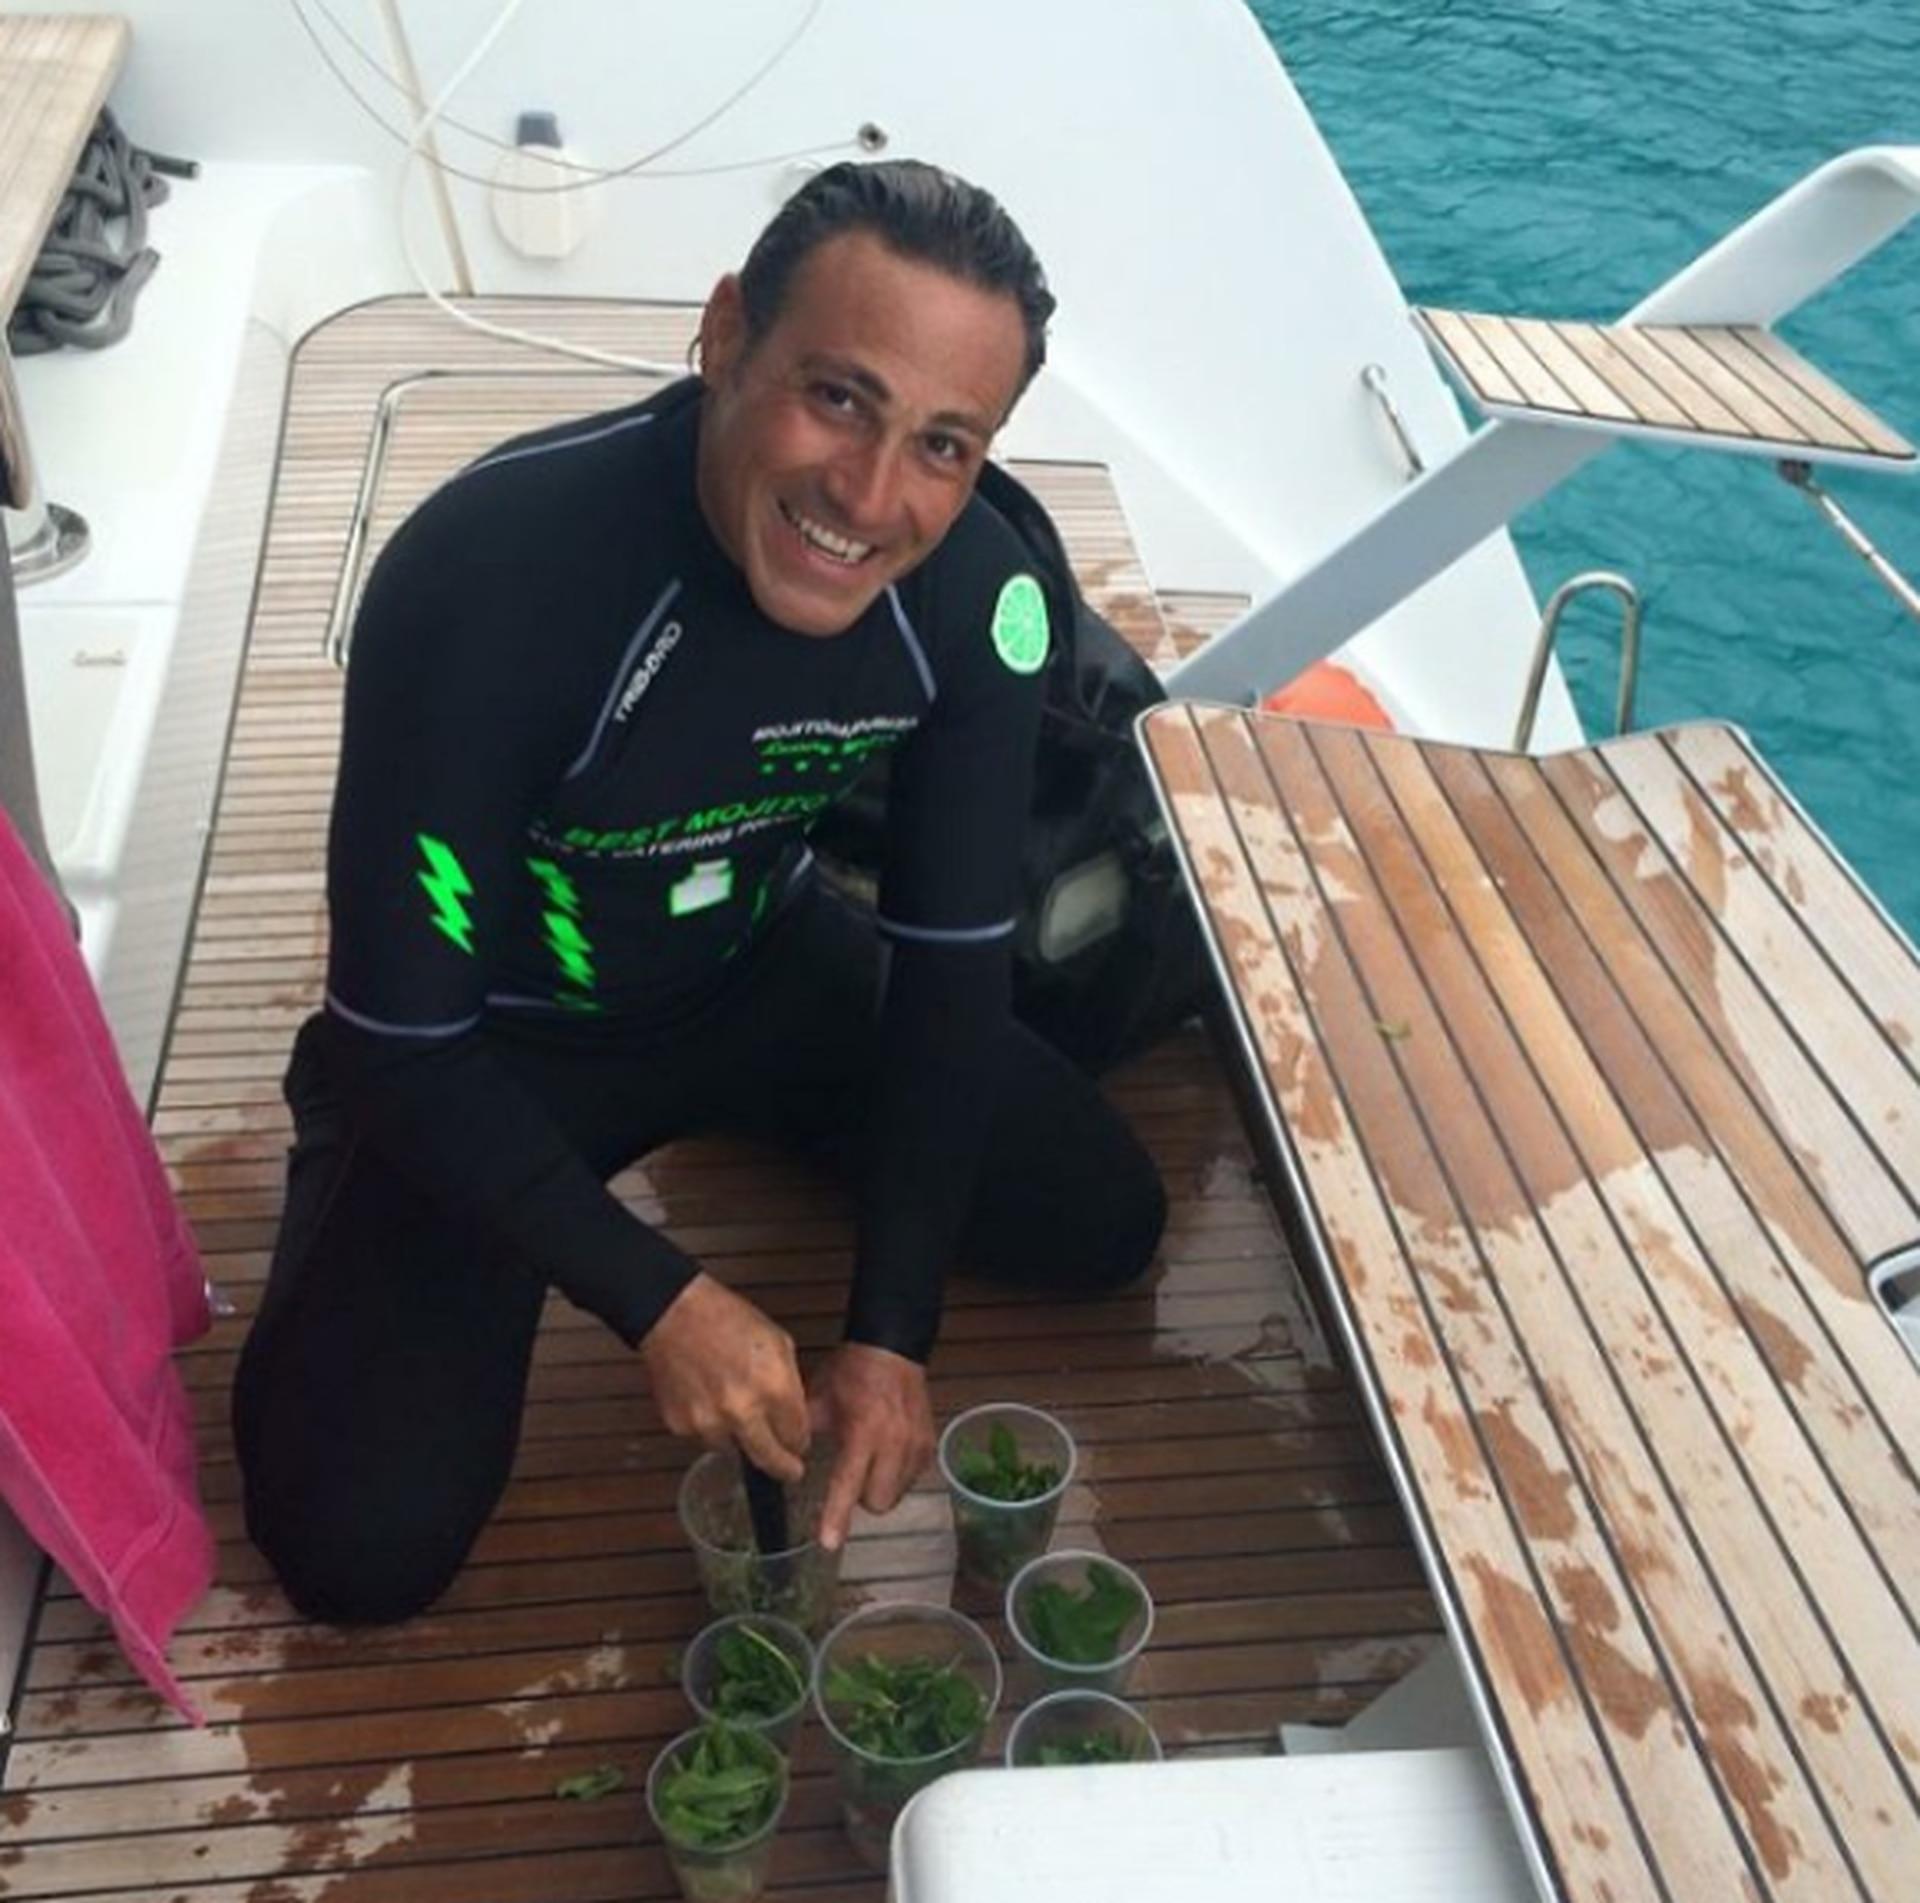 Cuando los navegantes quieren comprar sus mojitos, Ariel sube a la embarcación y los prepara en el lugar